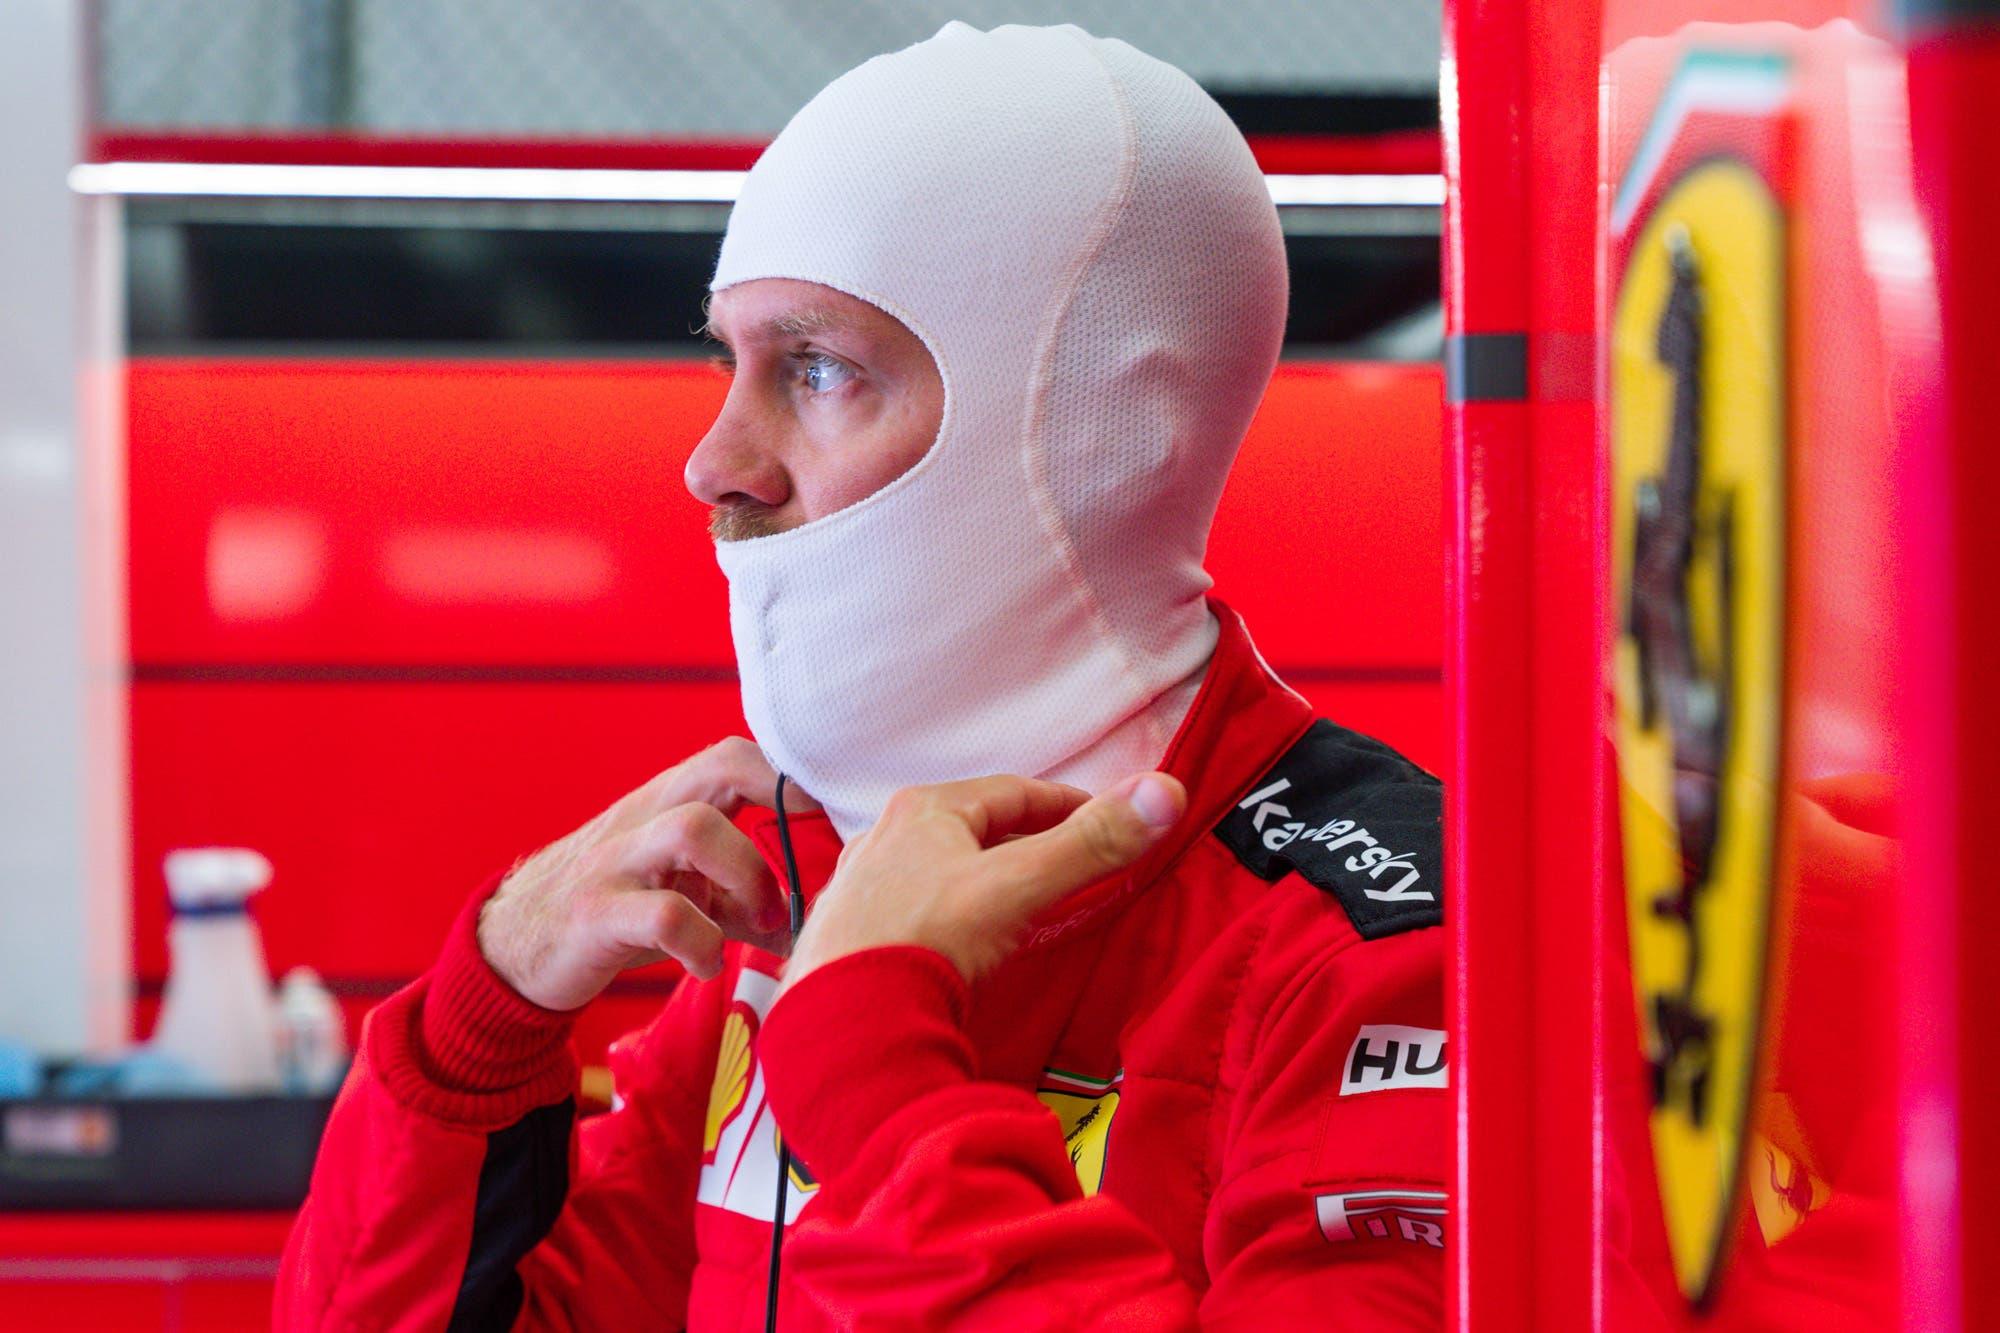 Fórmula 1. Ferrari sufre y Sebastian Vettel registra una de sus peores clasificaciones en el Gran Premio de Austria